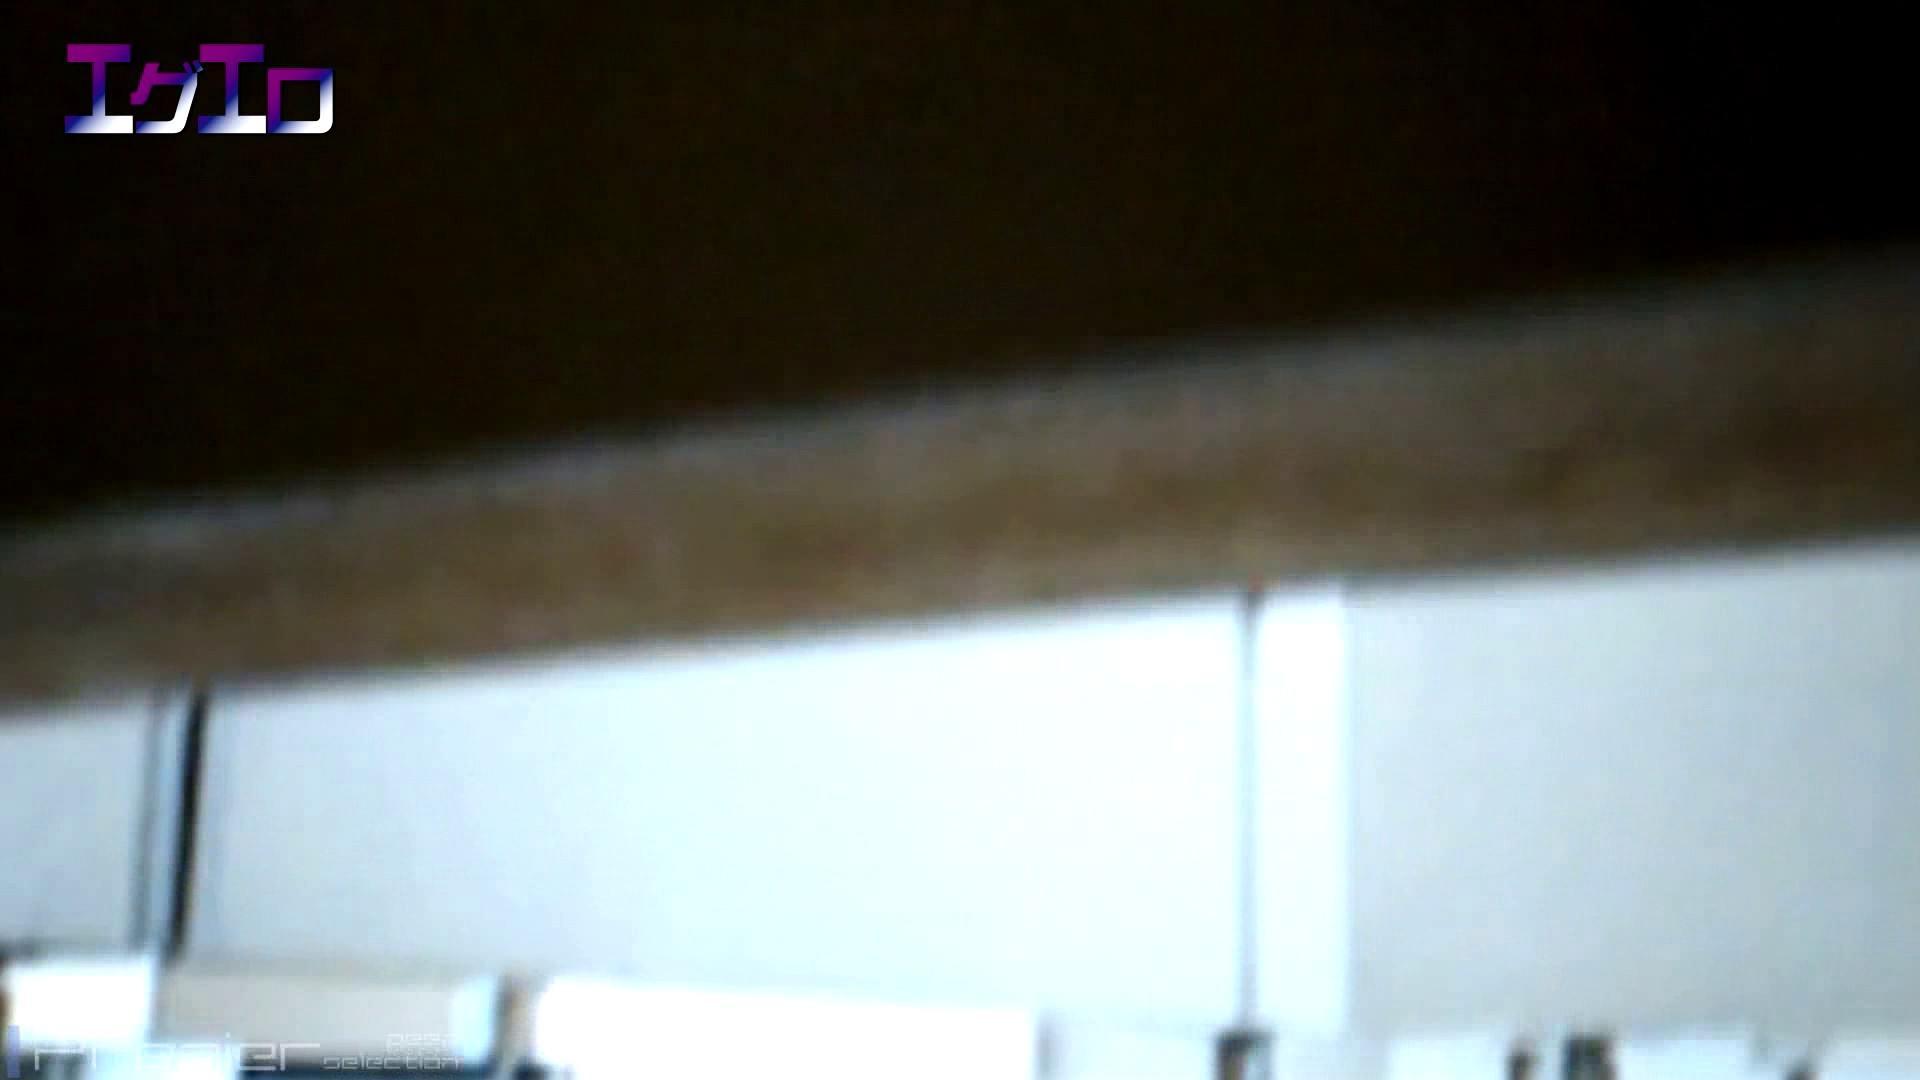 至近距離洗面所 Vol.11 民家 オメコ無修正動画無料 79画像 53